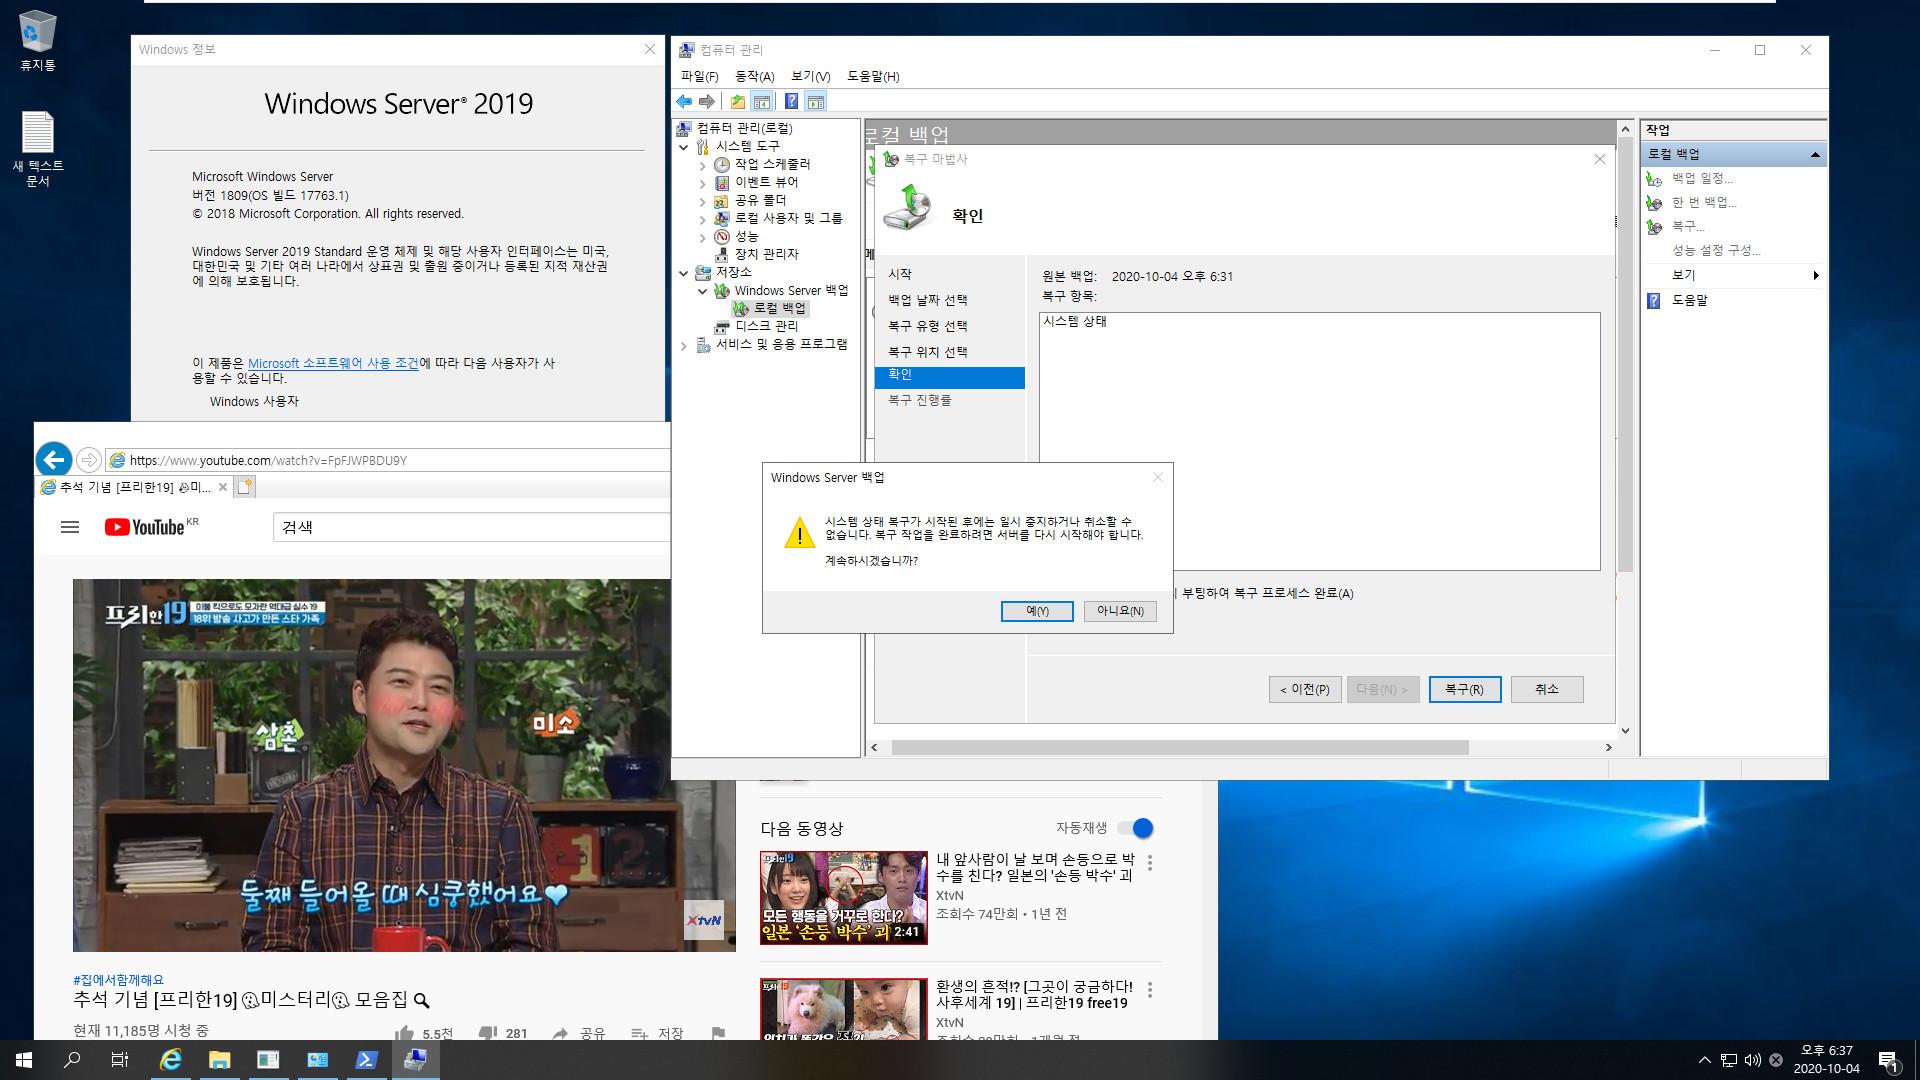 윈도우 서버군은 윈도우 사용중에도 자체 WBadmin 명령으로 윈도우 복구를 합니다 - Windows Server 2019로 복구 테스트 2020-10-04_183746.jpg